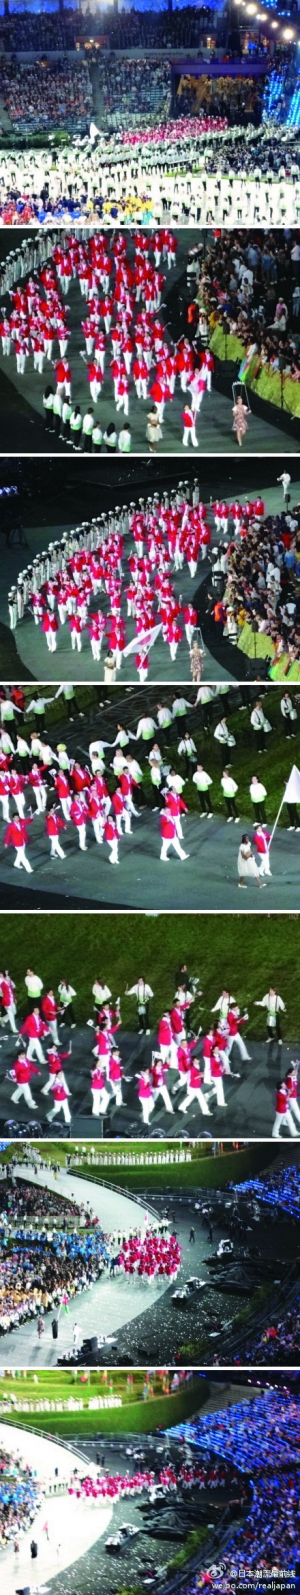 从组图可以看出,日本队在引导员的带领下,绕出了体育场。